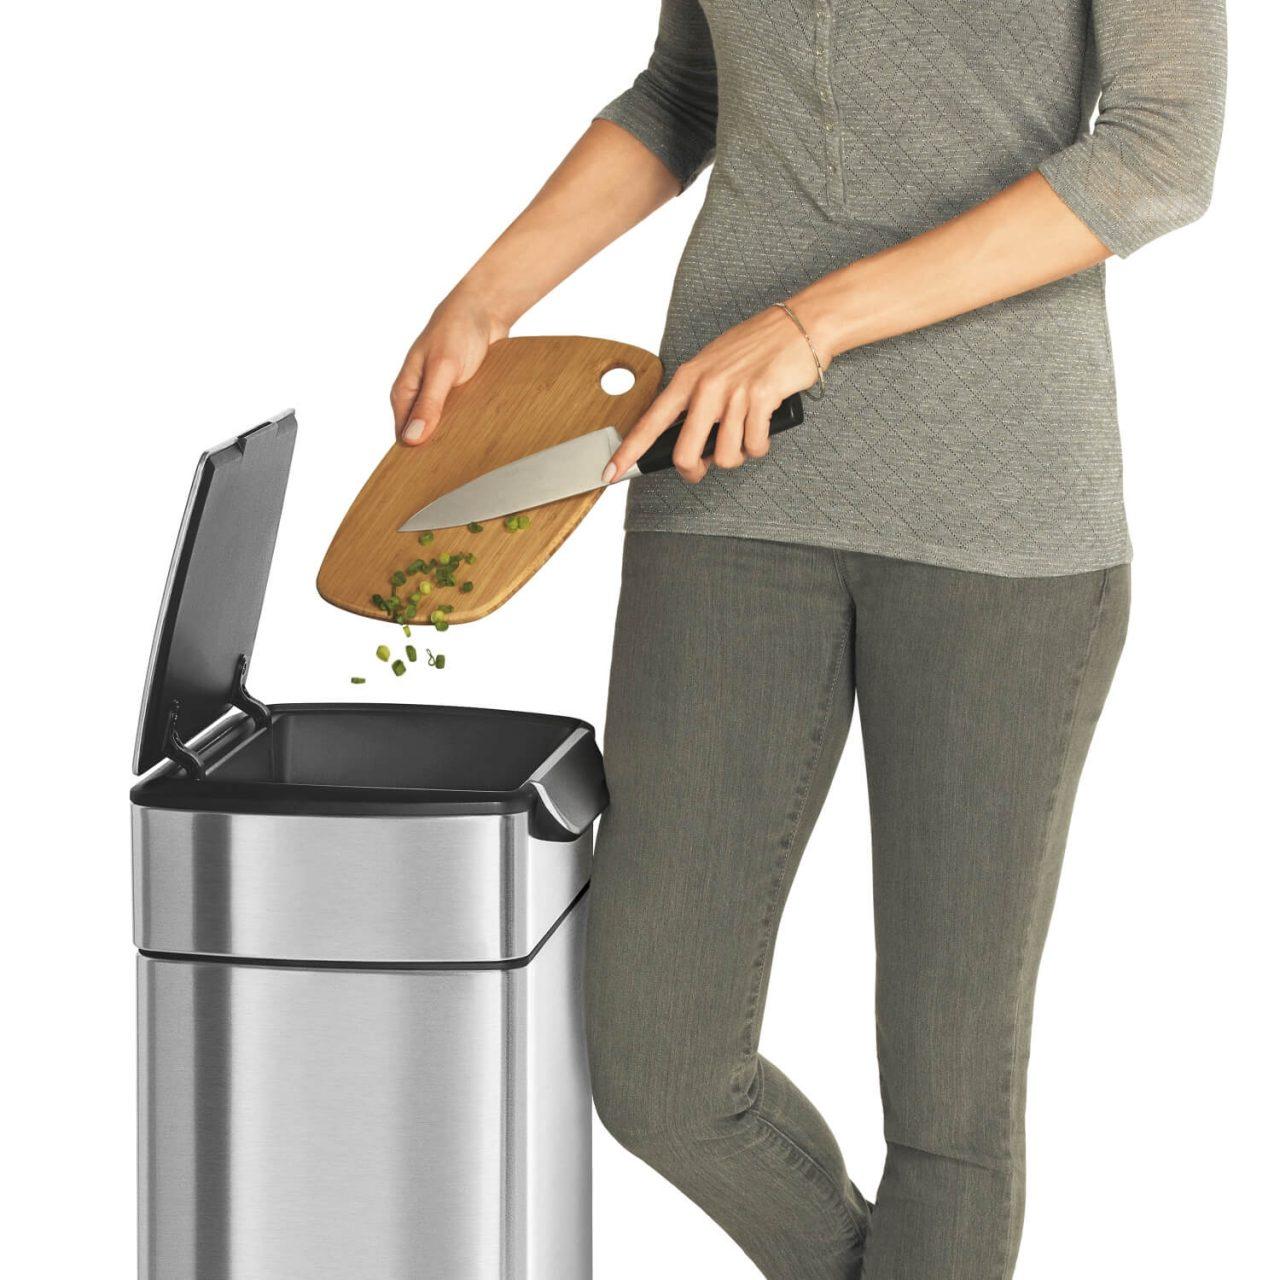 調理中に膝のタッチでゴミを捨てる動作